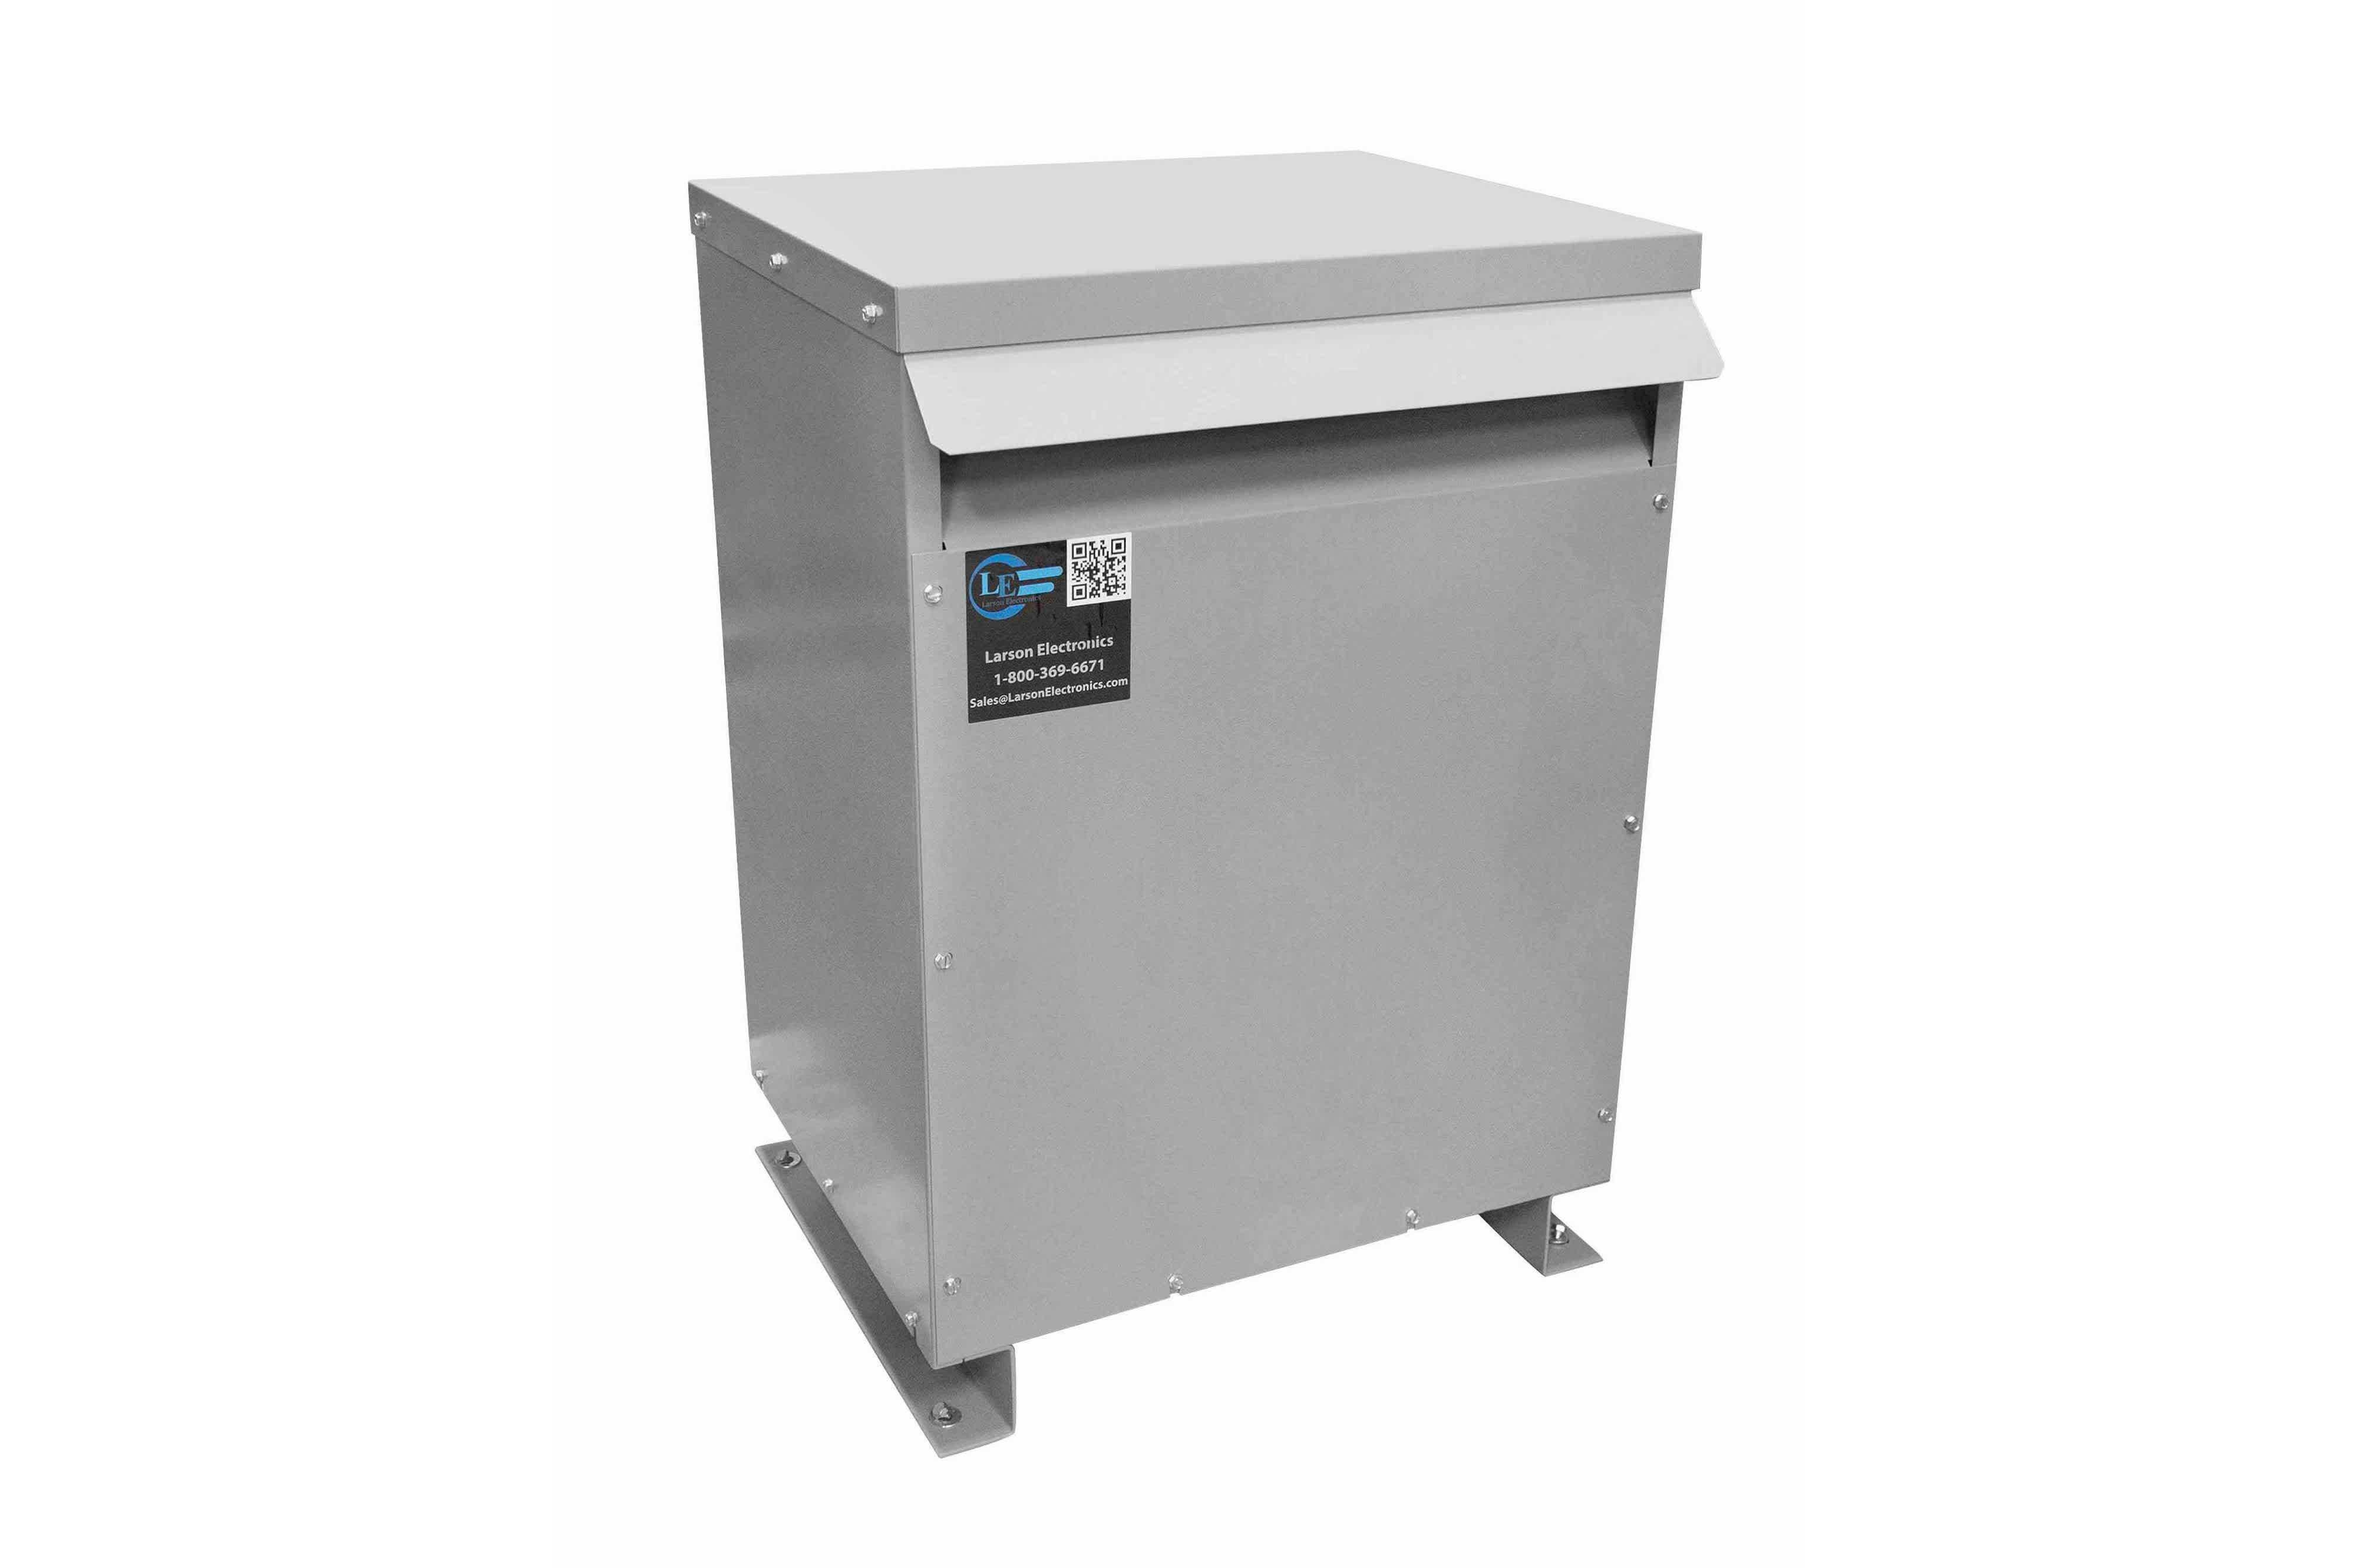 50 kVA 3PH Isolation Transformer, 208V Delta Primary, 208V Delta Secondary, N3R, Ventilated, 60 Hz